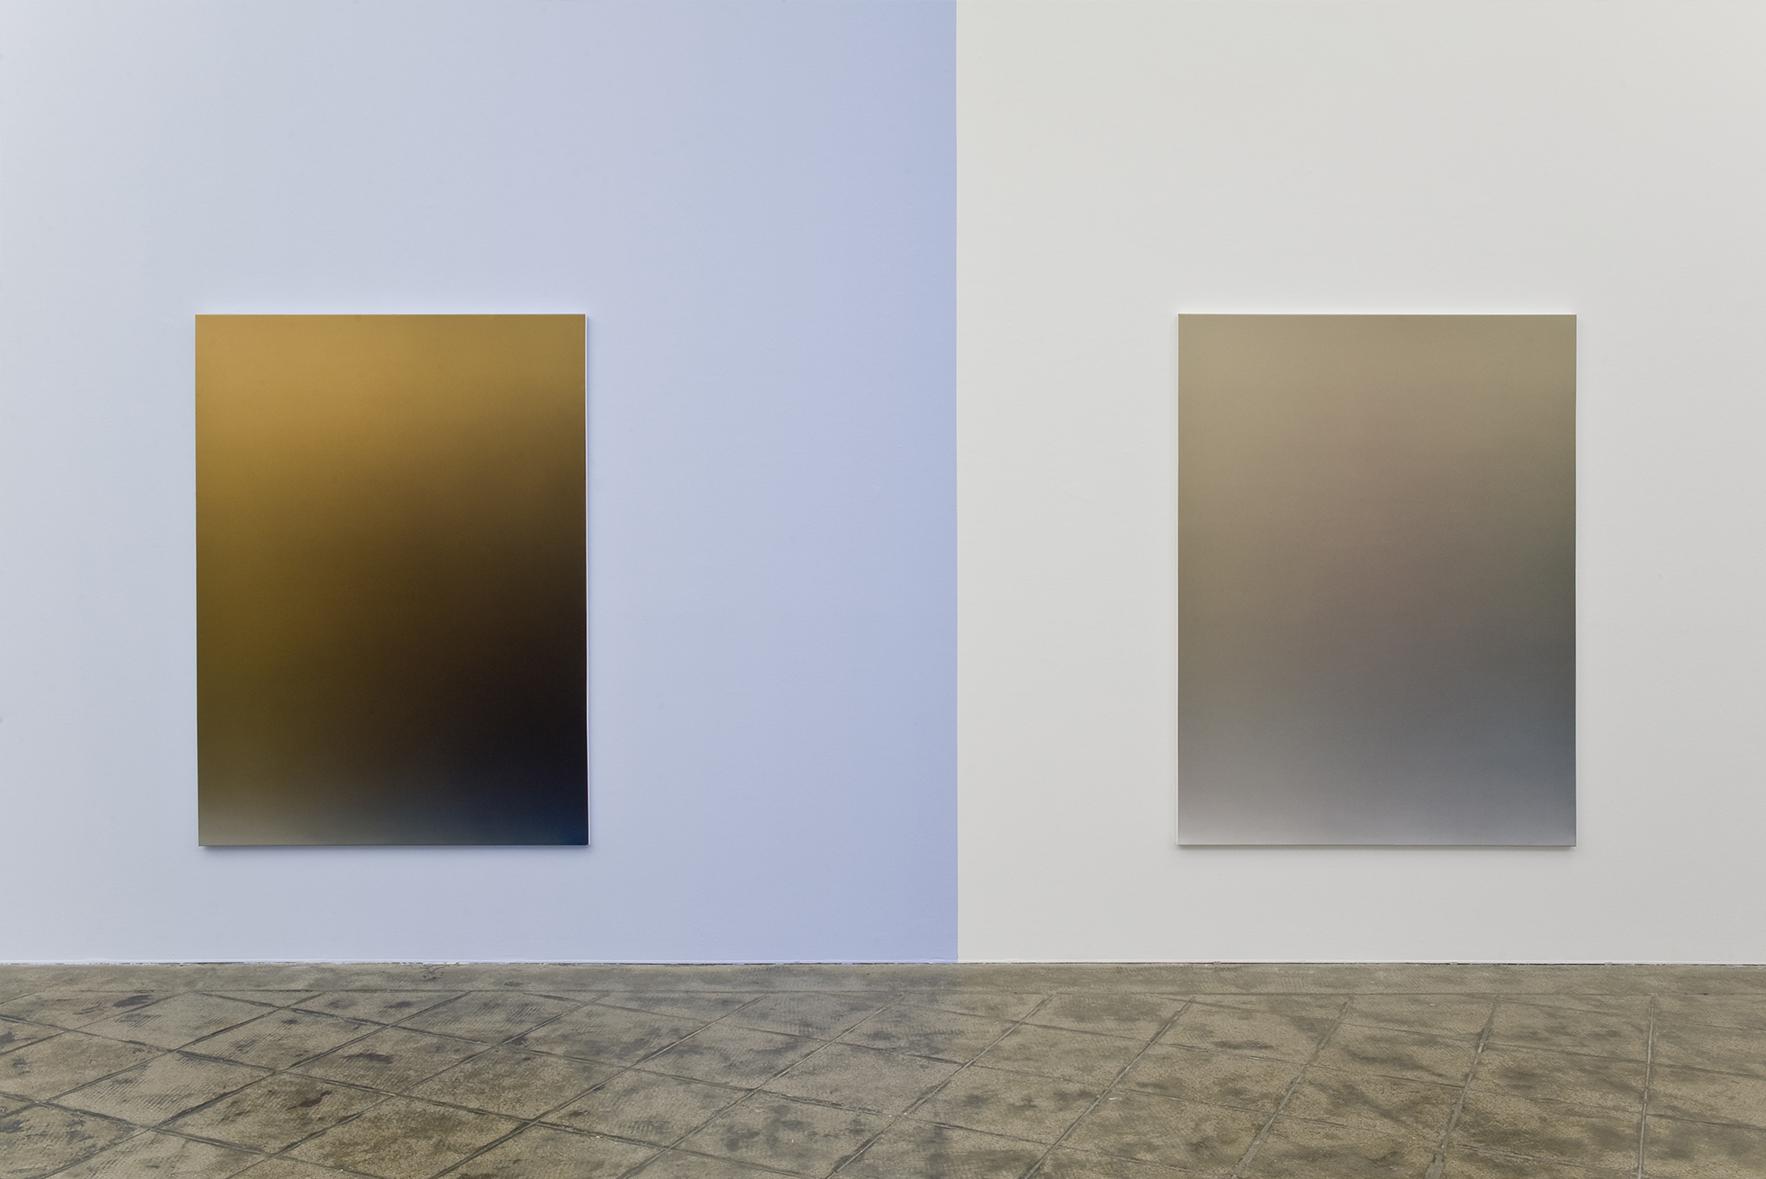 Installation view: Pieter Vermeersch, 2013. ProjecteSD |  | ProjecteSD